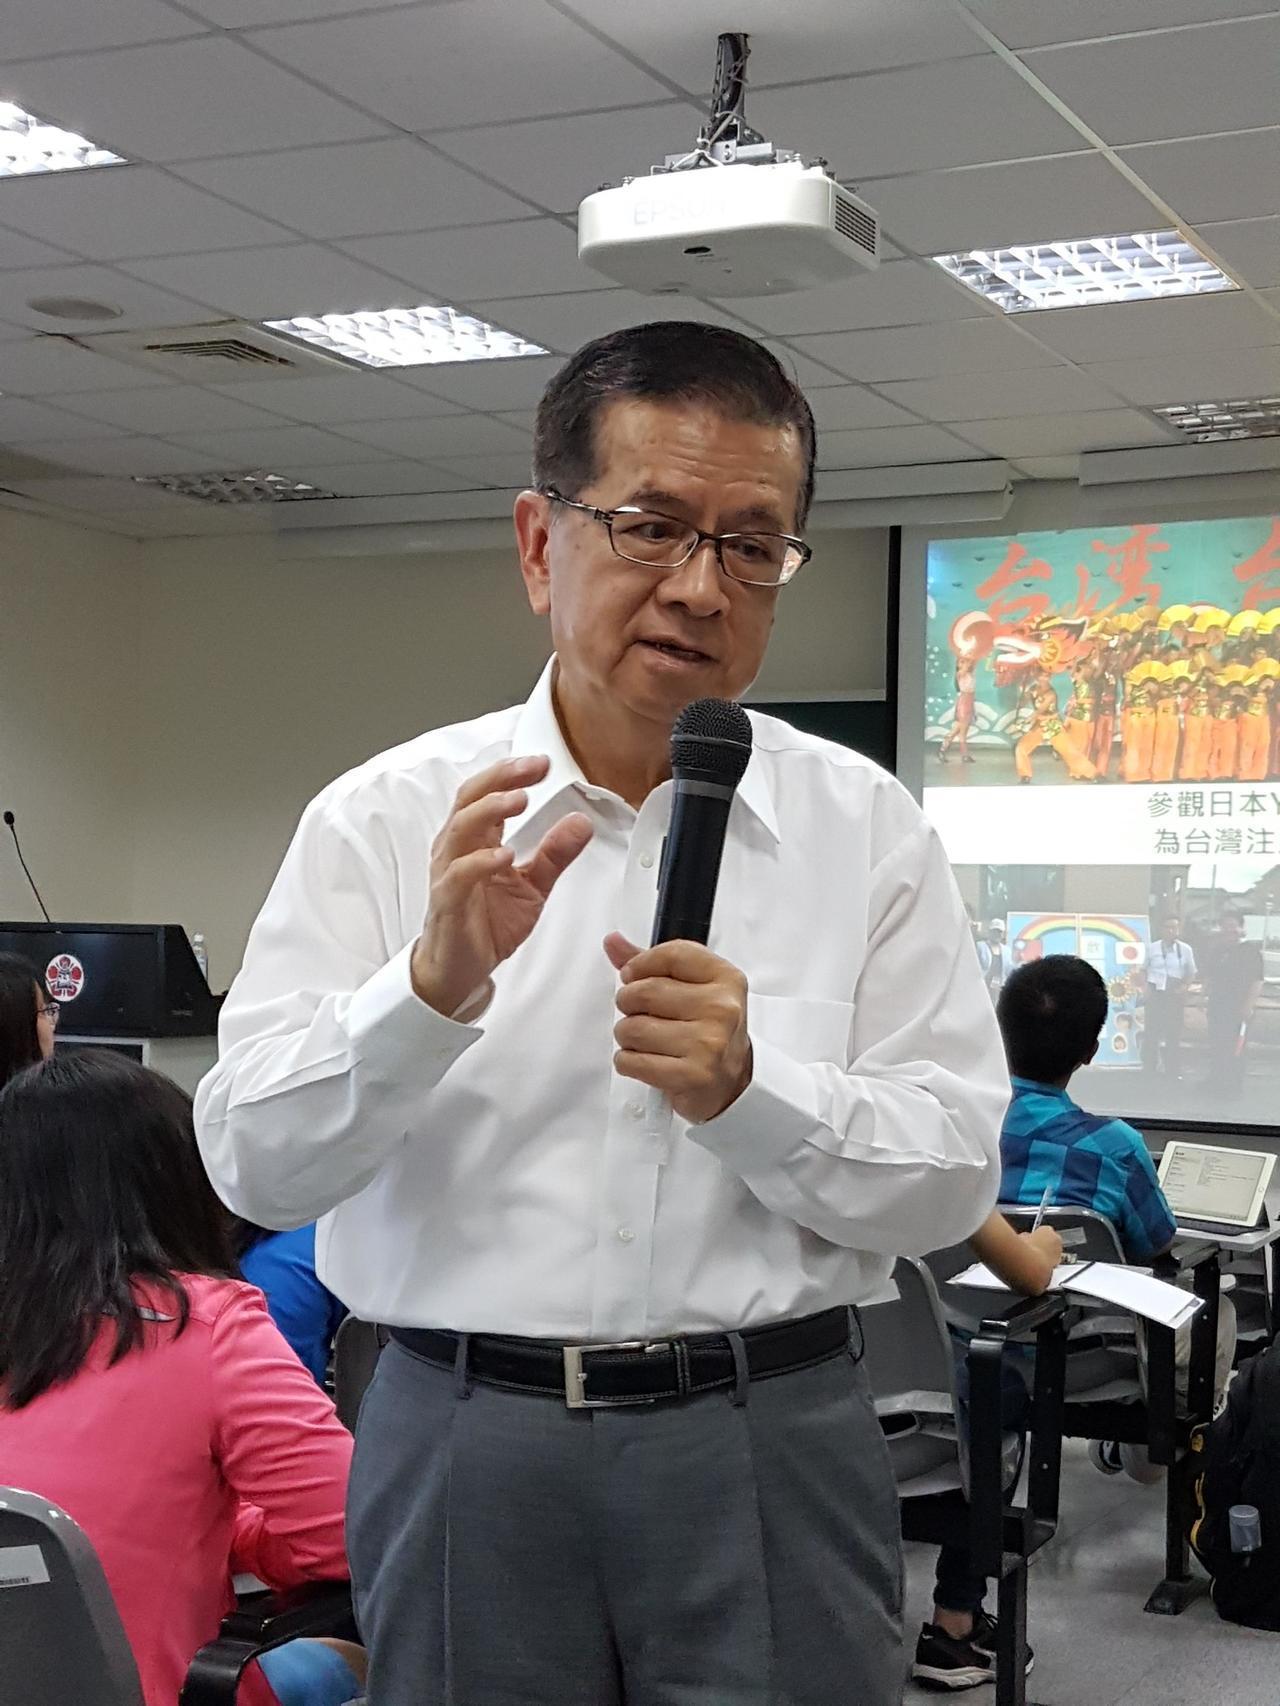 曾任統一超商董事長徐重仁下午到成大演講。記者修瑞瑩/攝影